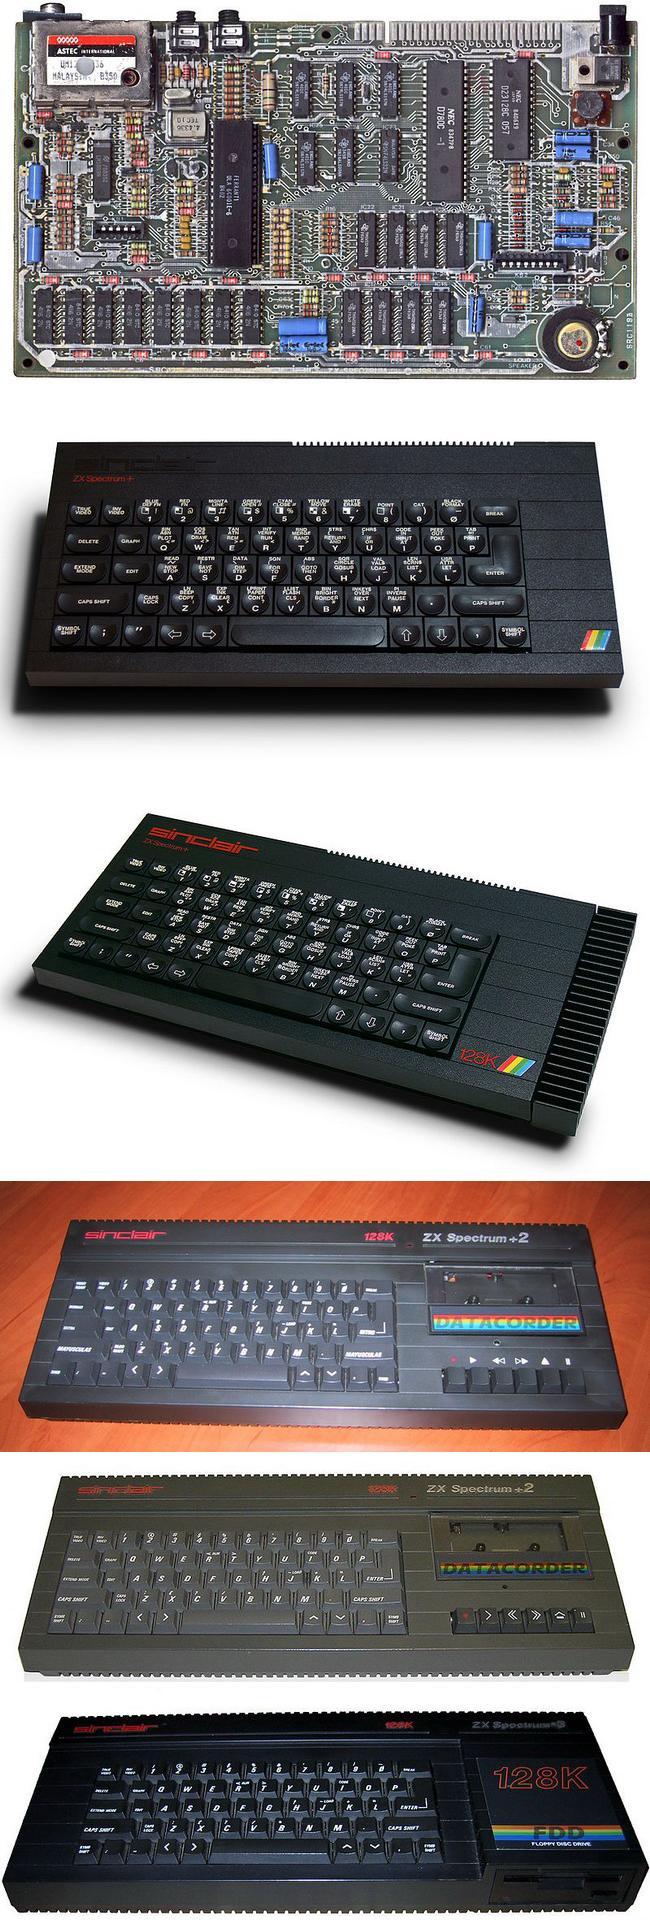 Компьютеру «ZX Spectrum» исполнилось  30 лет (видео)